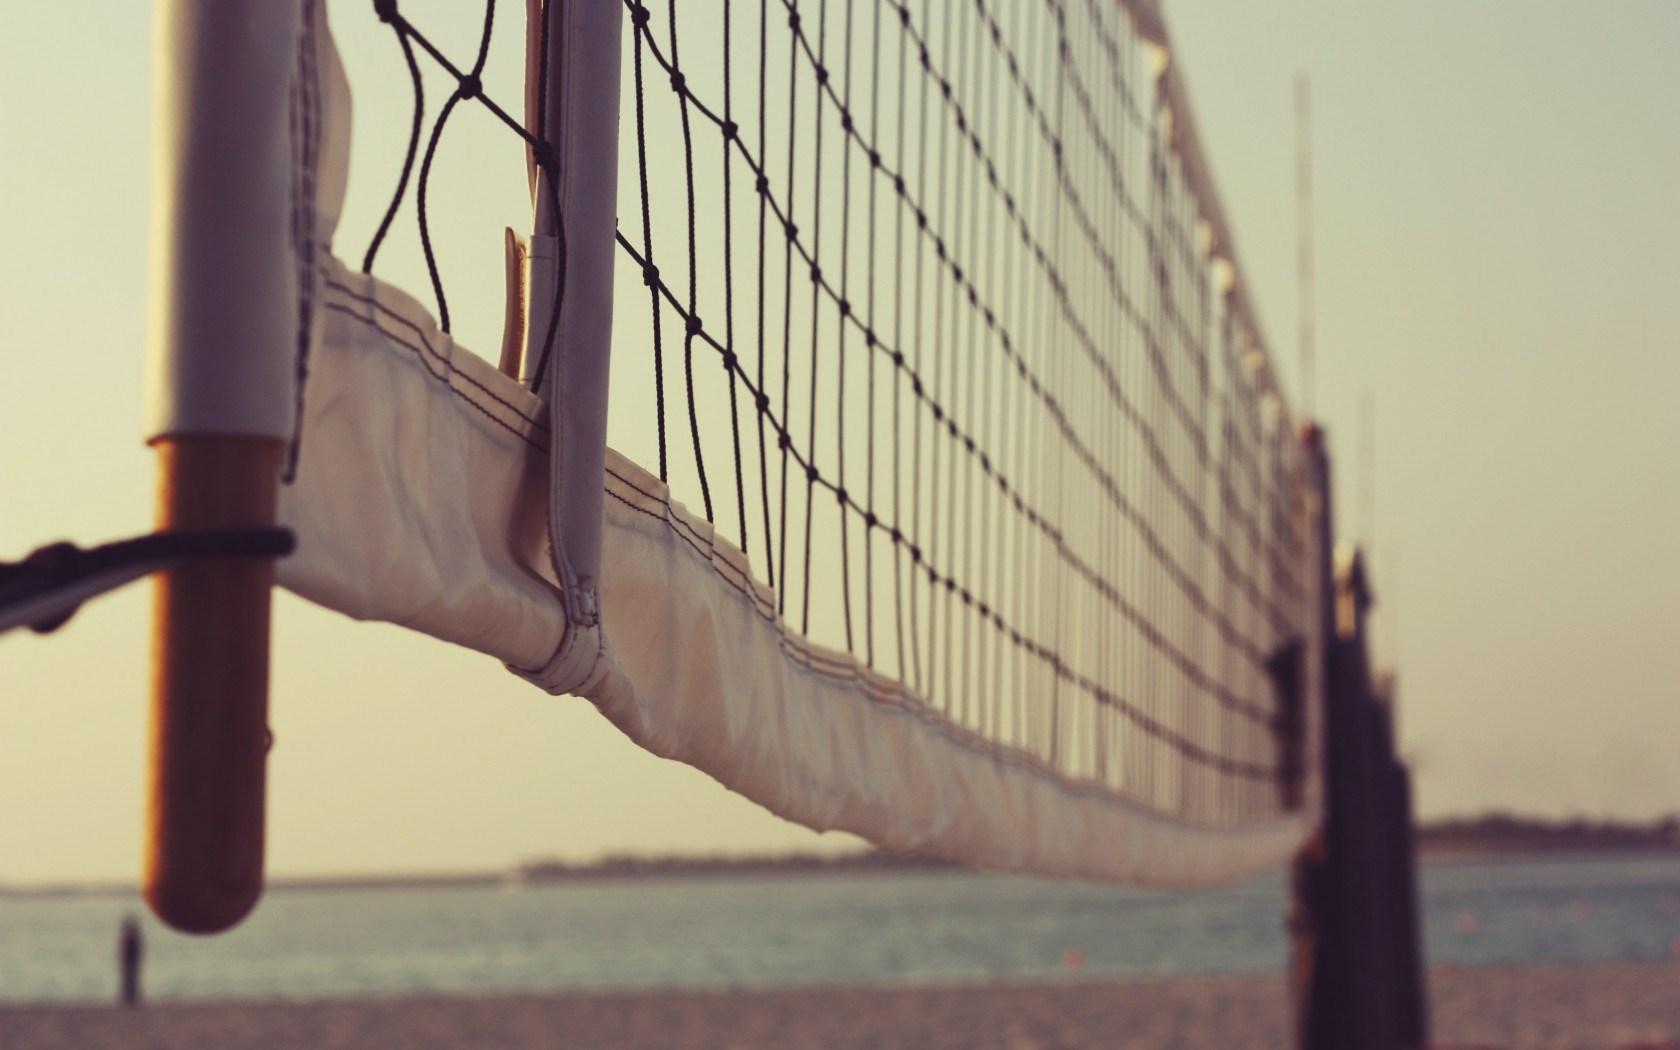 Volleyball Net Summer Beach Hd Wallpaper